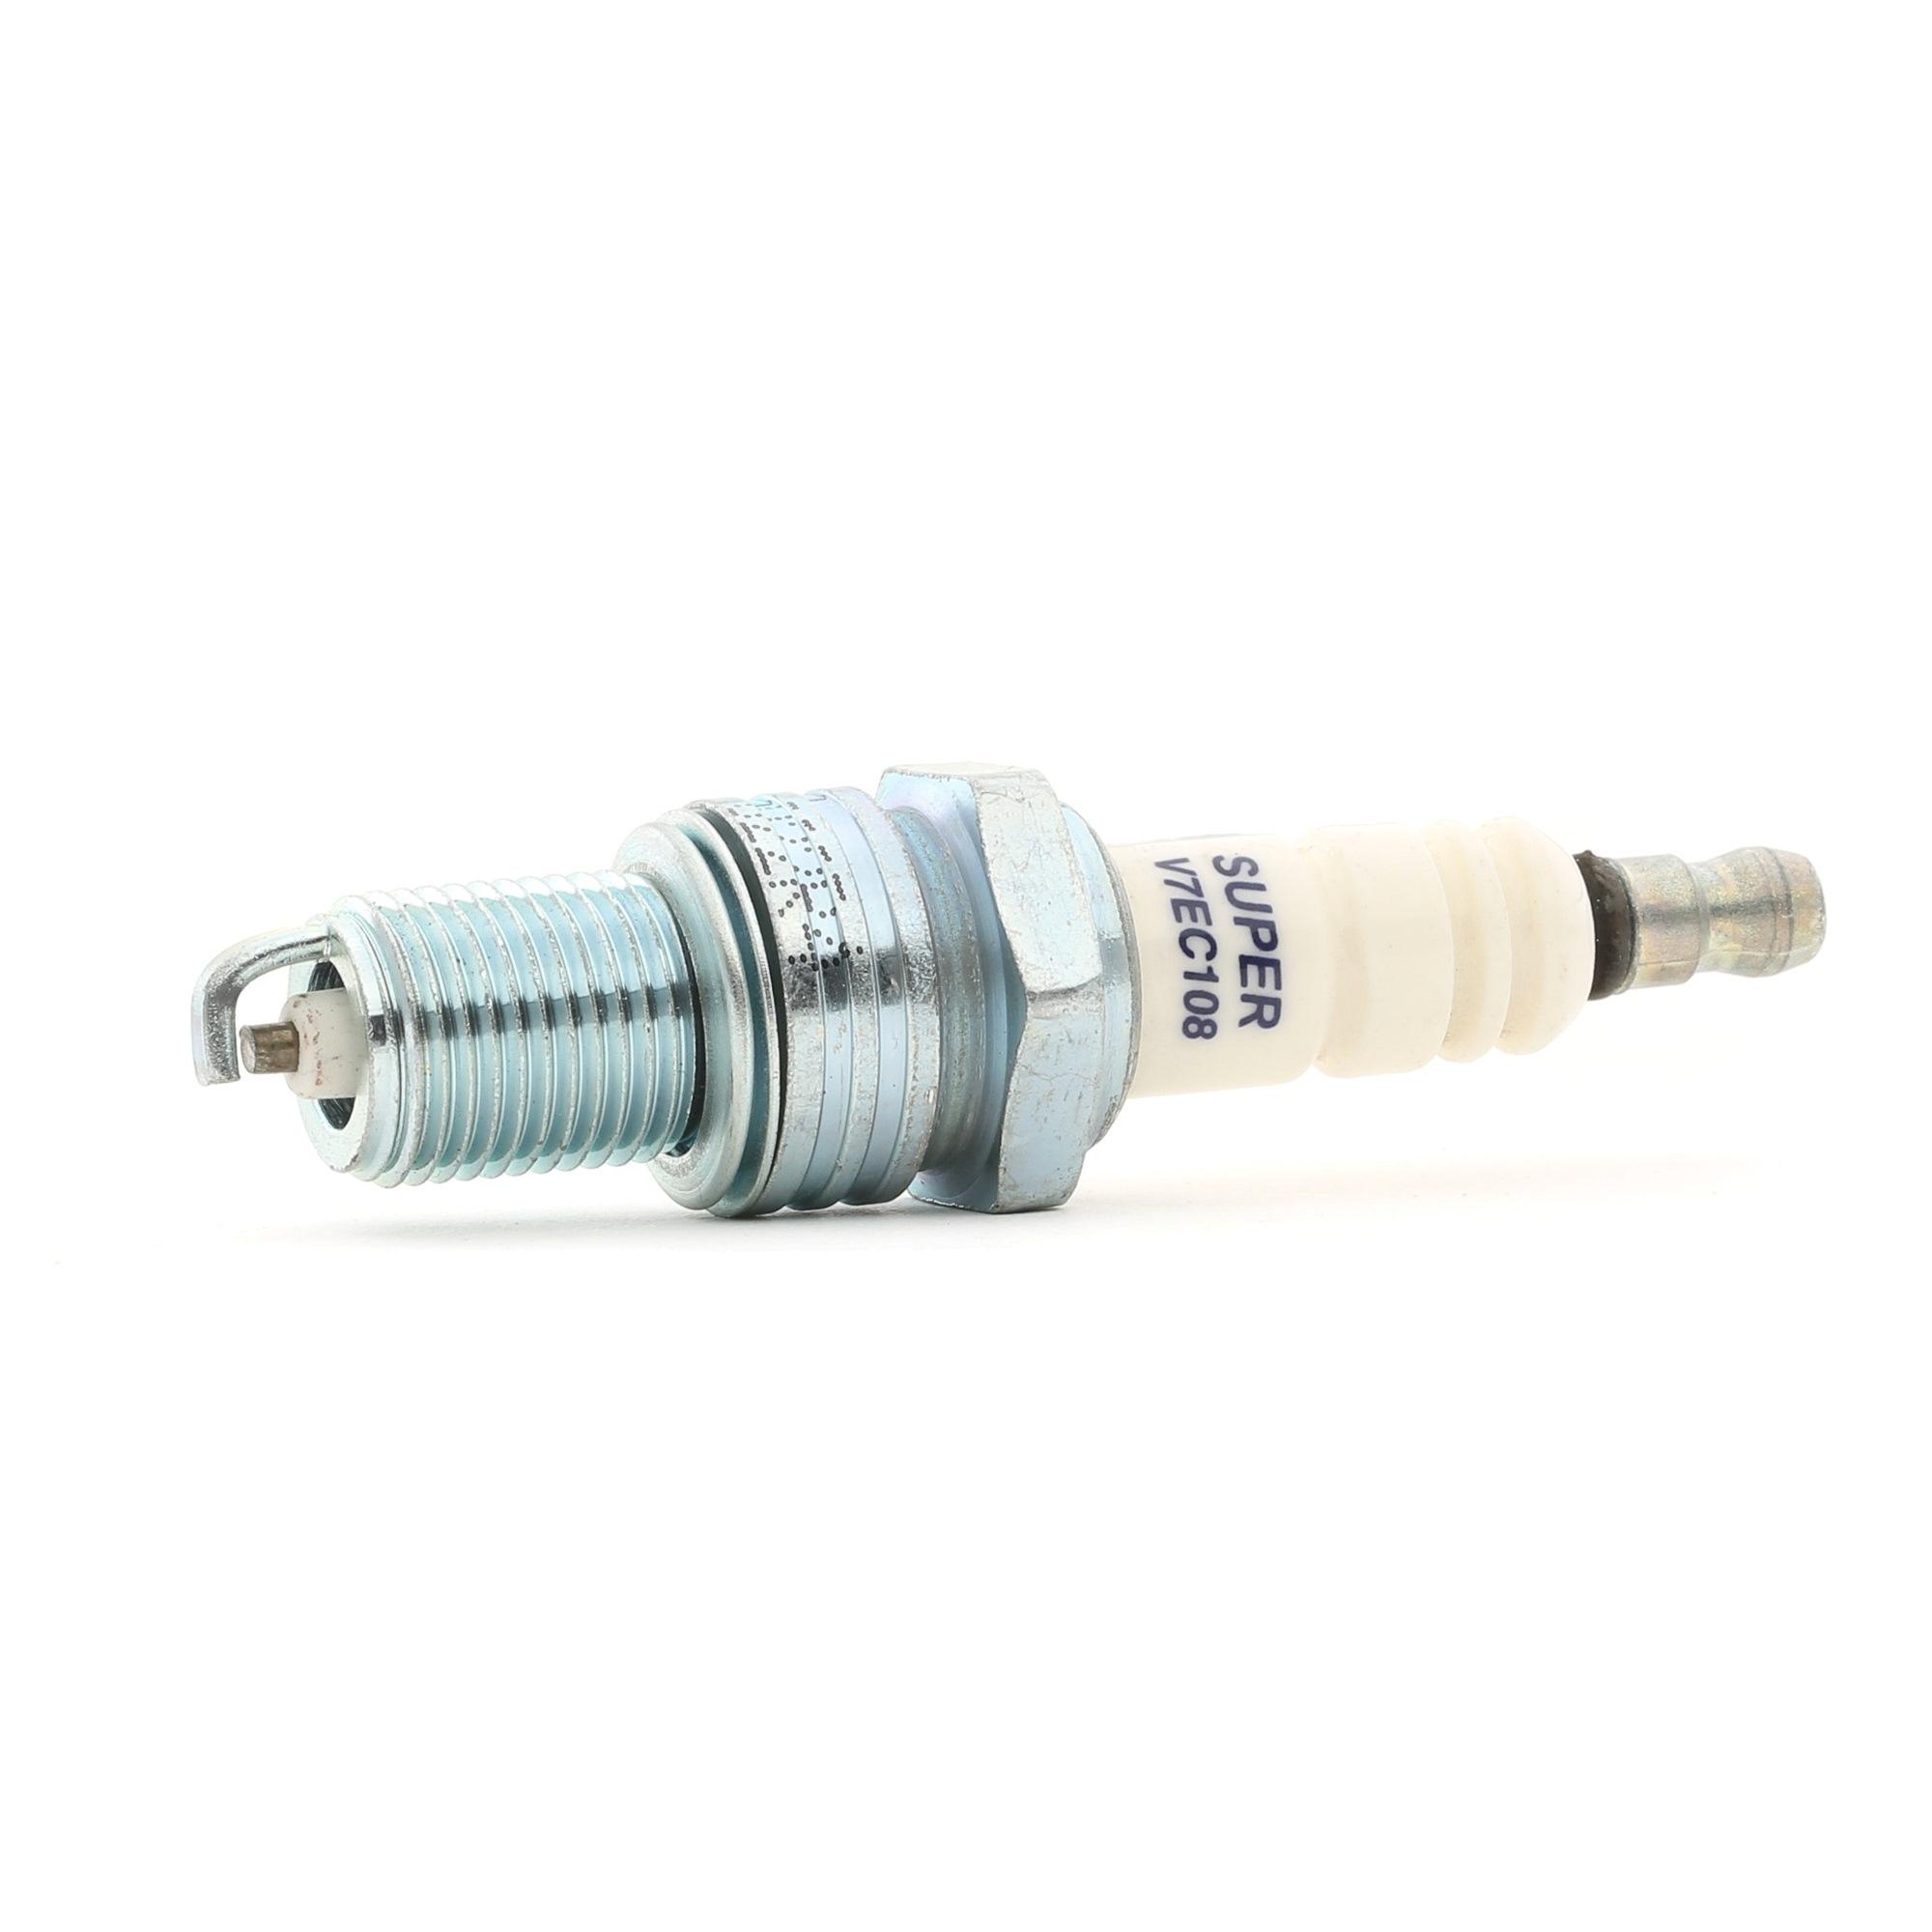 Achat de V99-75-0027 VEMO Q+, original equipment manufacturer quality Écart. électr.: 0,7mm, Filetage: M14 x 1,25 Bougie d'allumage V99-75-0027 pas chères